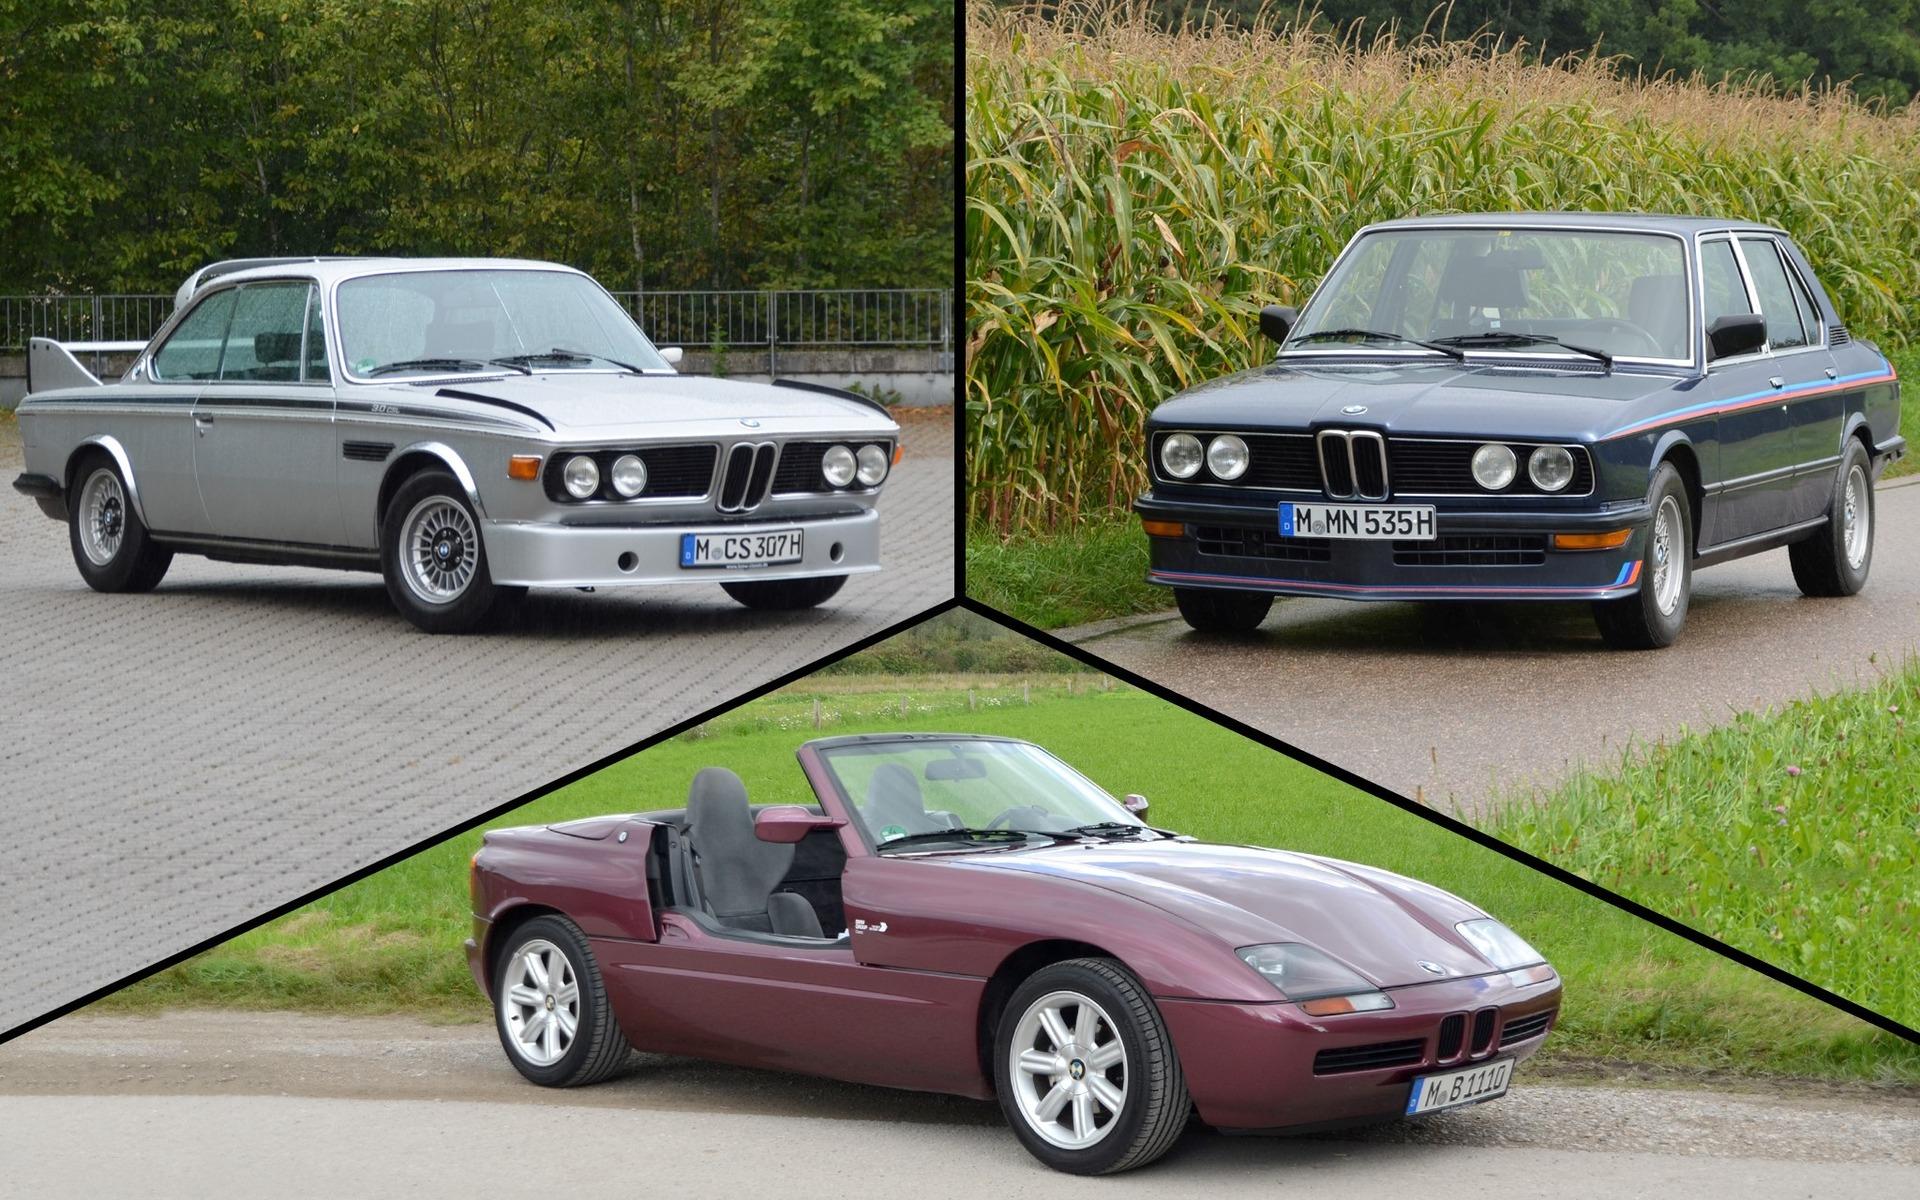 <p>BMW 3.0 CSL 1973, BMW M535i 1981 et BMW Z11991</p>